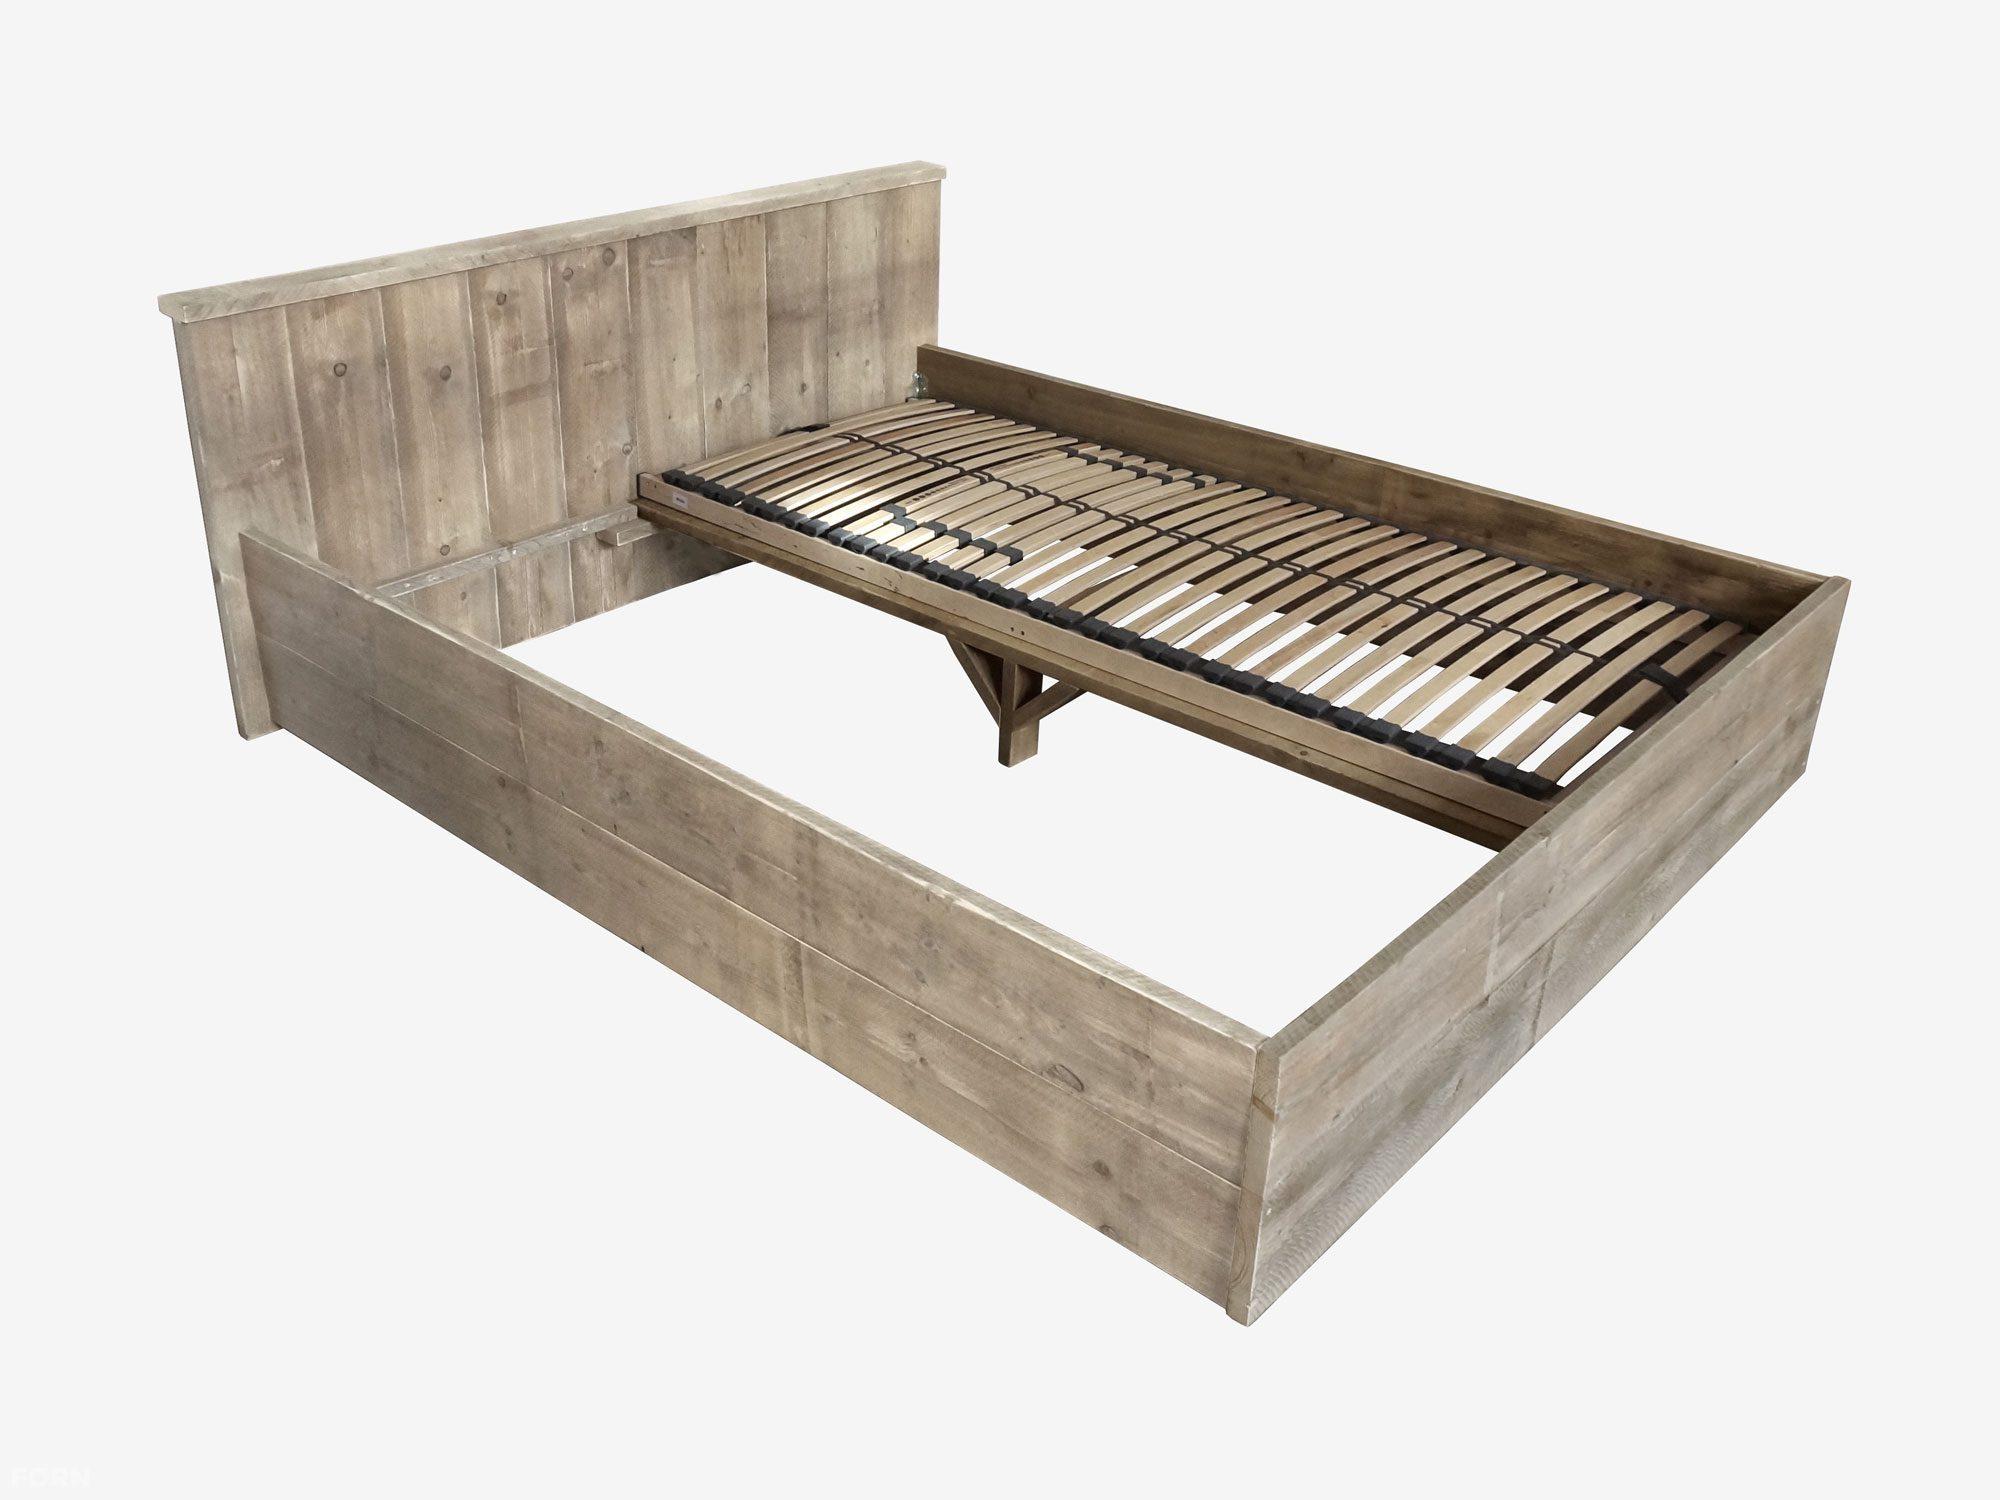 Full Size of Gebrauchte Betten Bauholz Bett Jaron I Einzel Und Doppelbetten Aus Mit Bettkasten Günstige 180x200 Amerikanische Luxus Holz Ausgefallene Für Teenager Bett Gebrauchte Betten